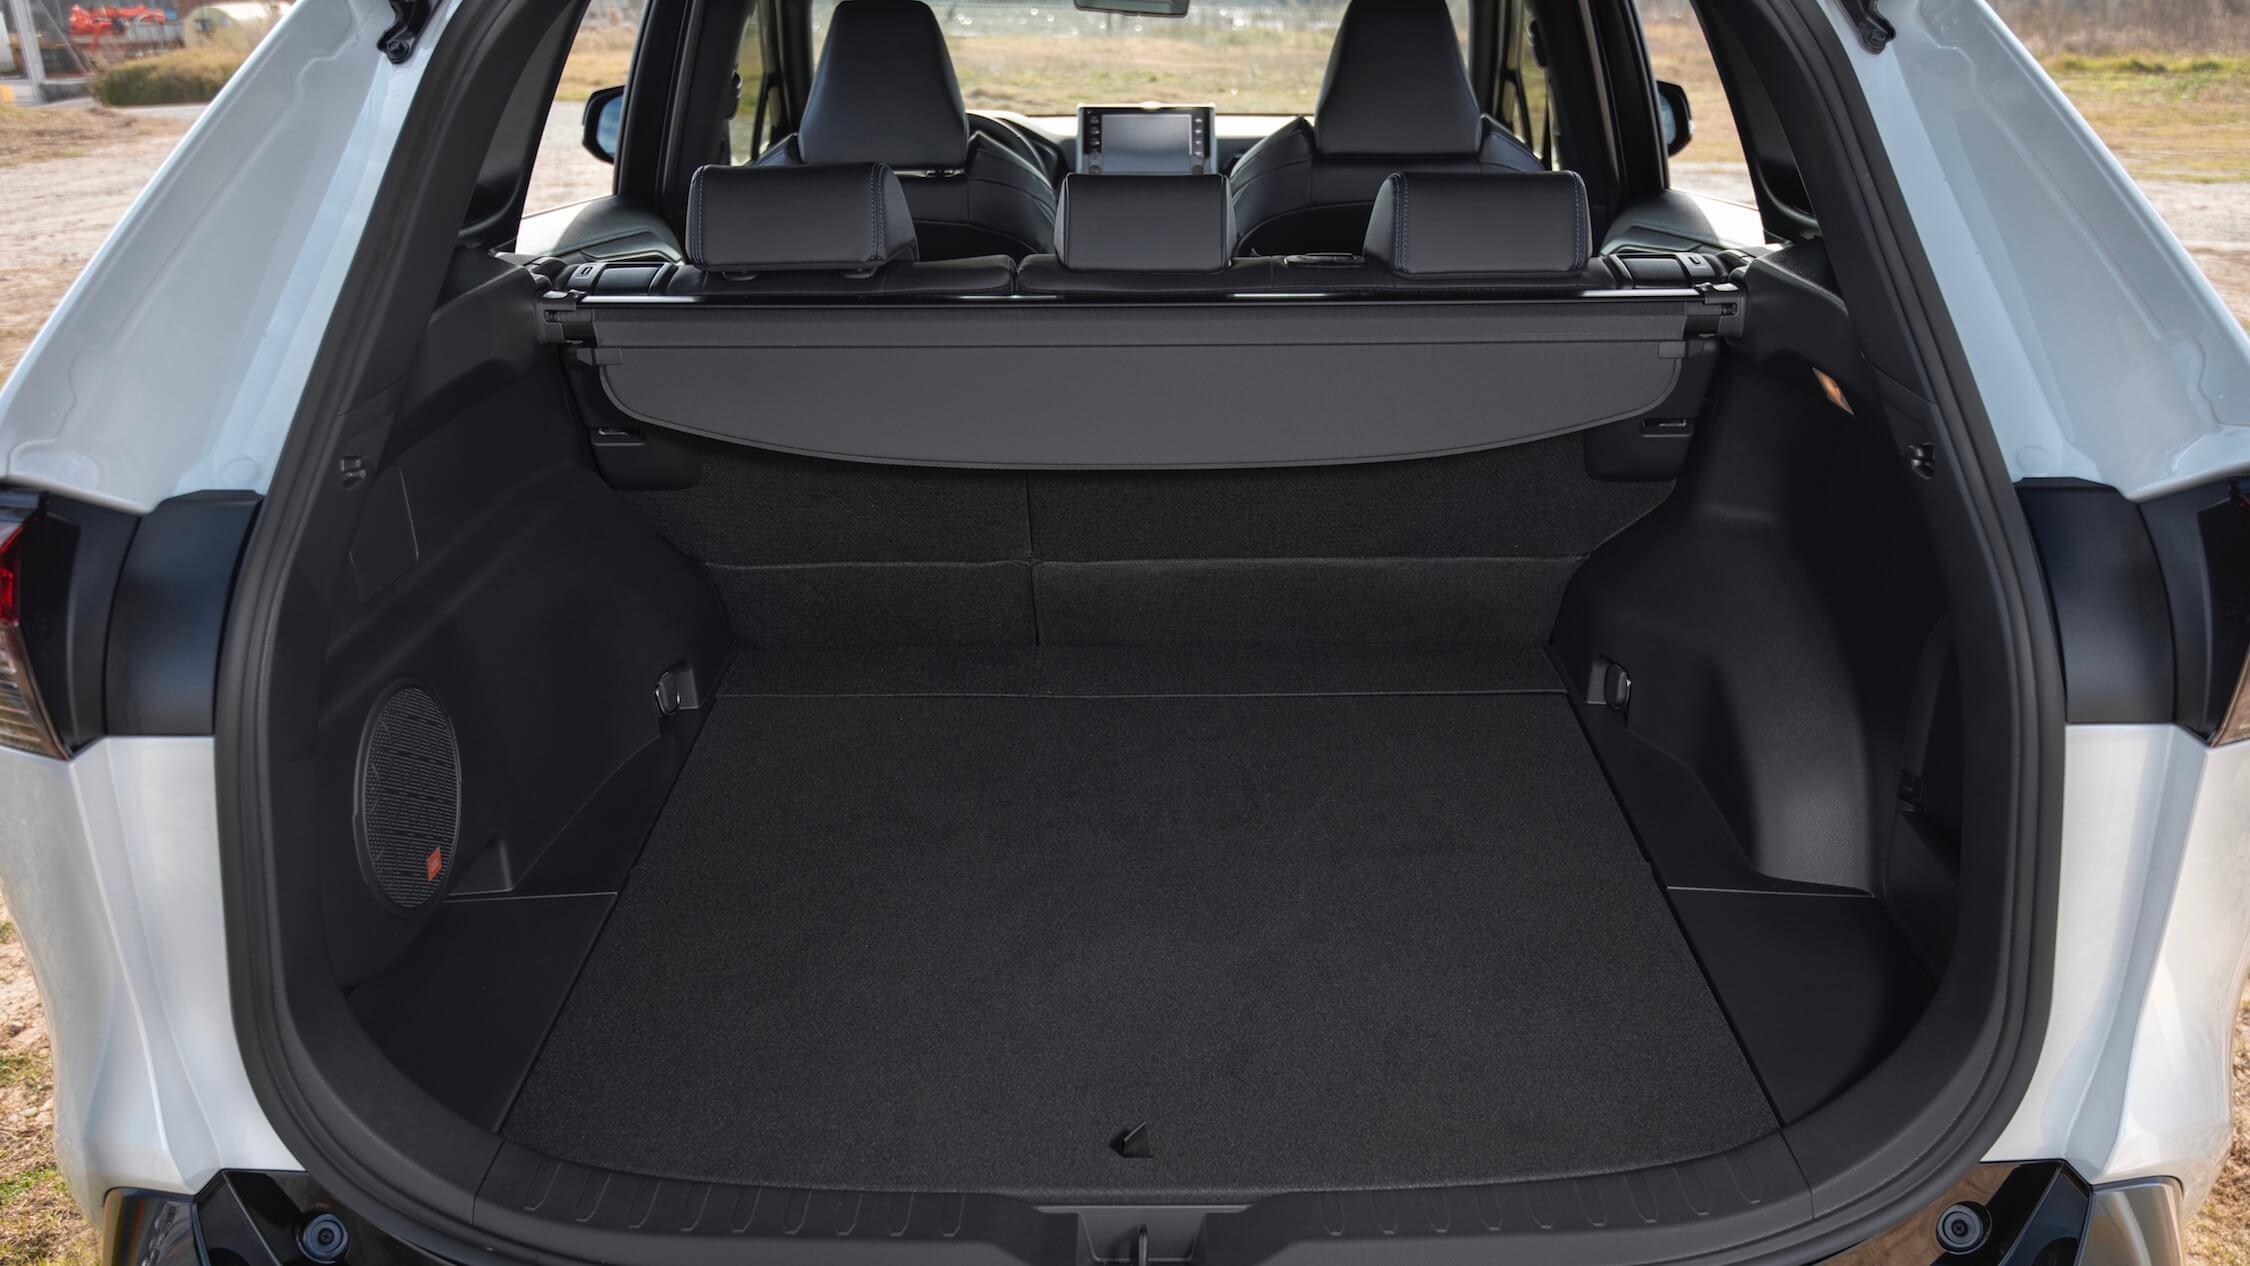 Toyota RAV4 mala